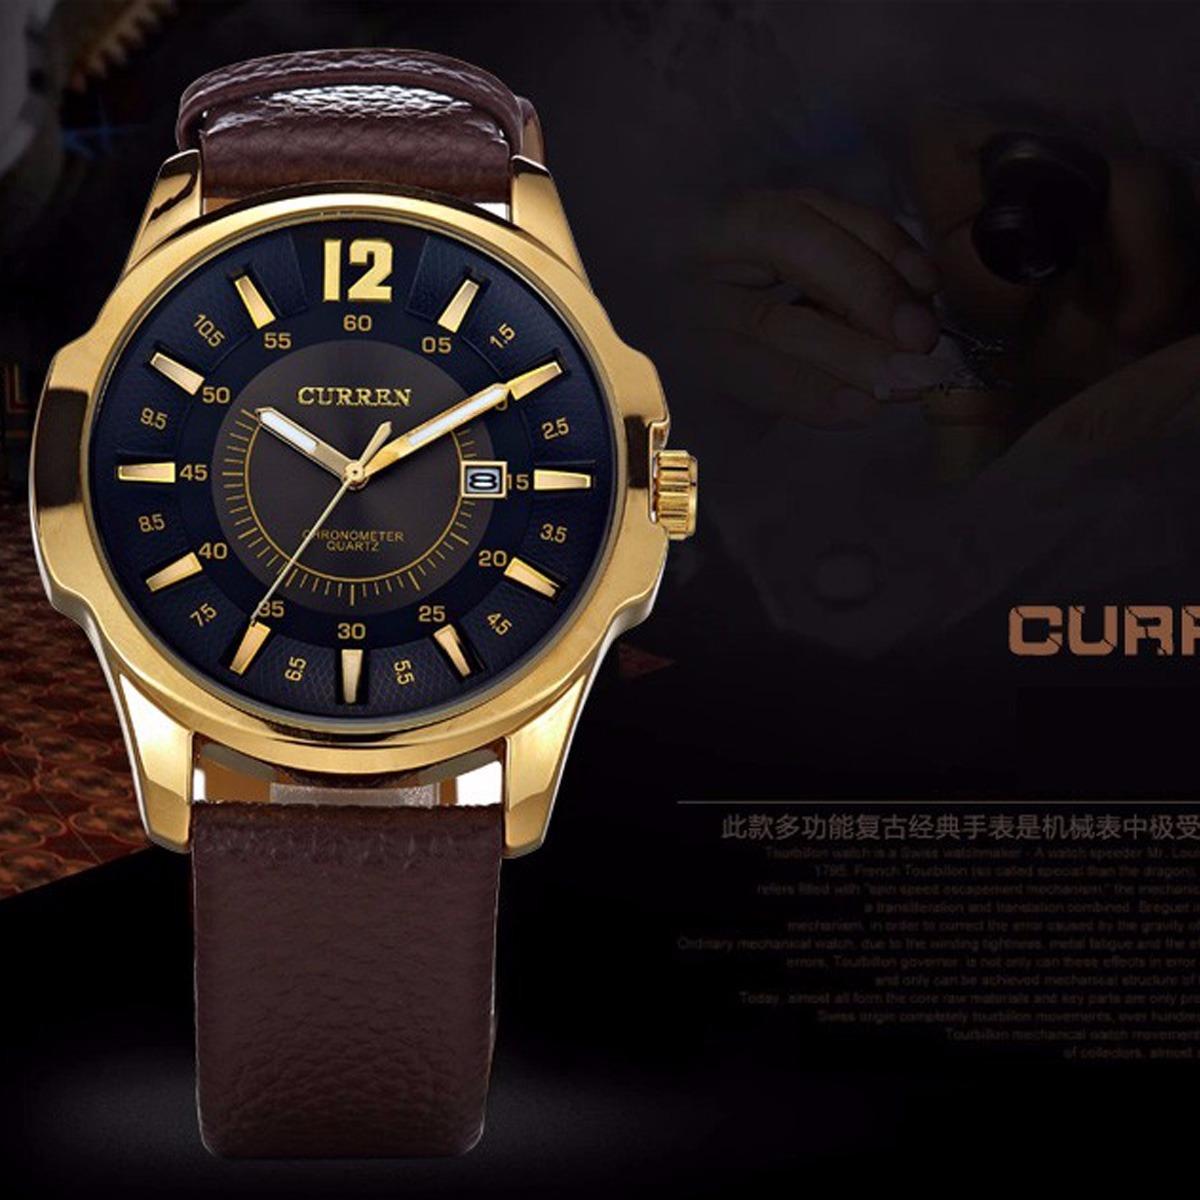 5d7d52d37ff relógios masculino curren luxo barato pulseira de couro. Carregando zoom.